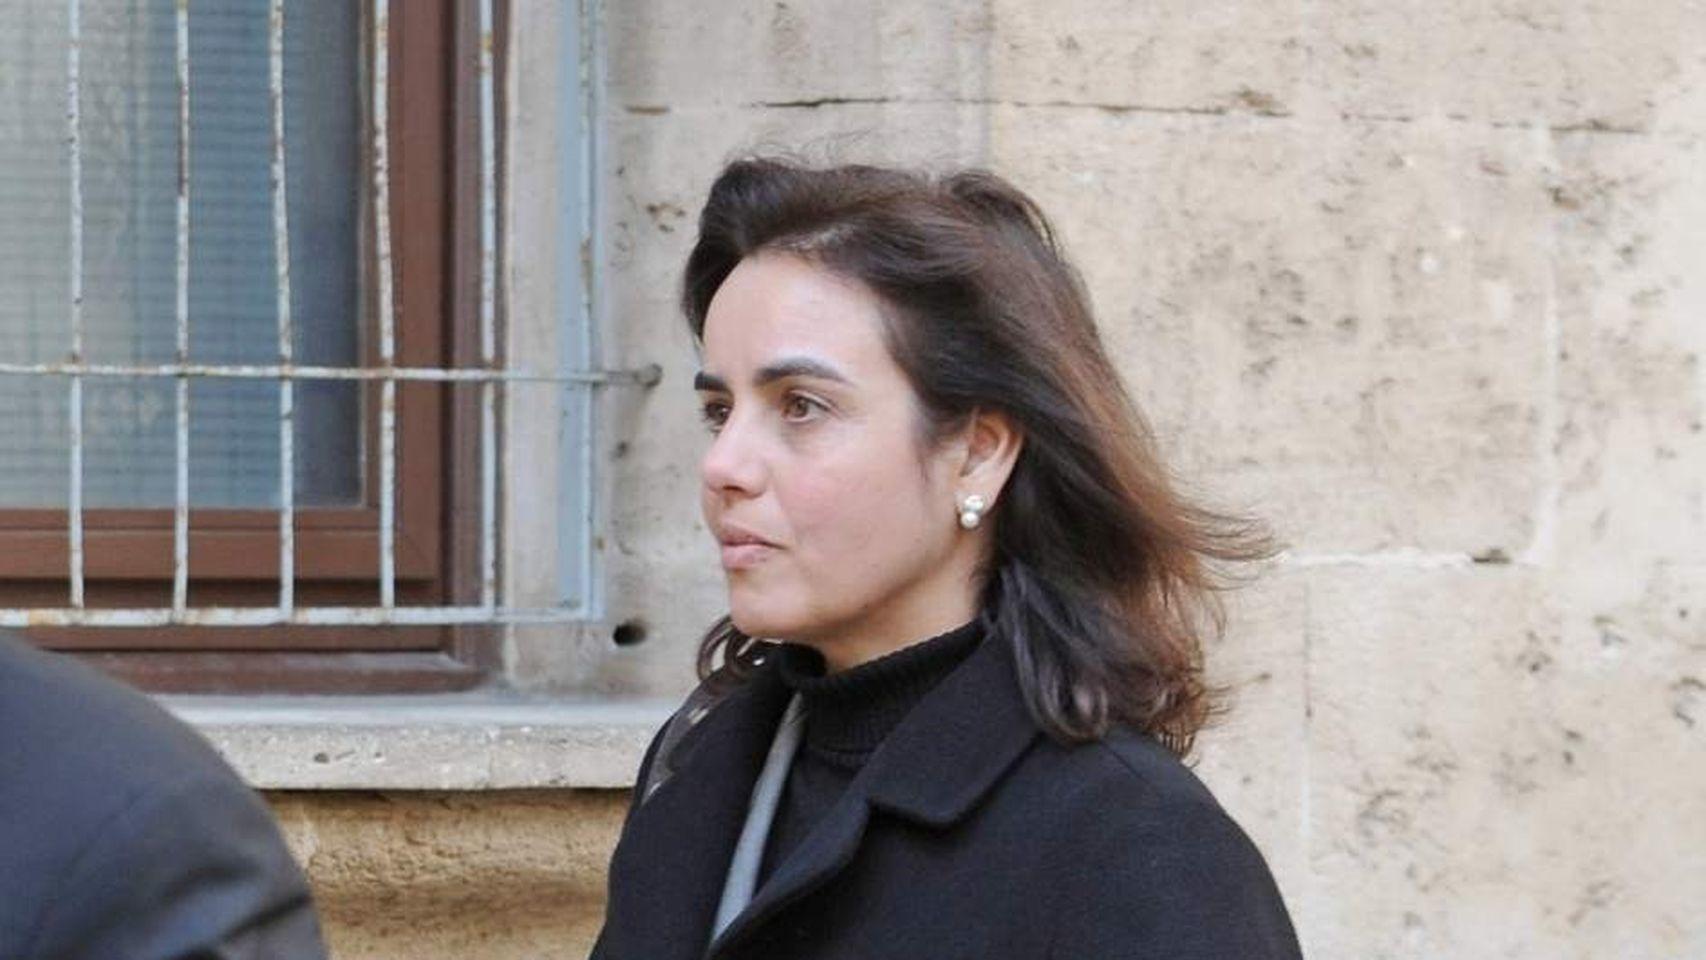 na María Tejeiro en mayo de 2015 cuando acudió a declarar en los juzgados de Palma